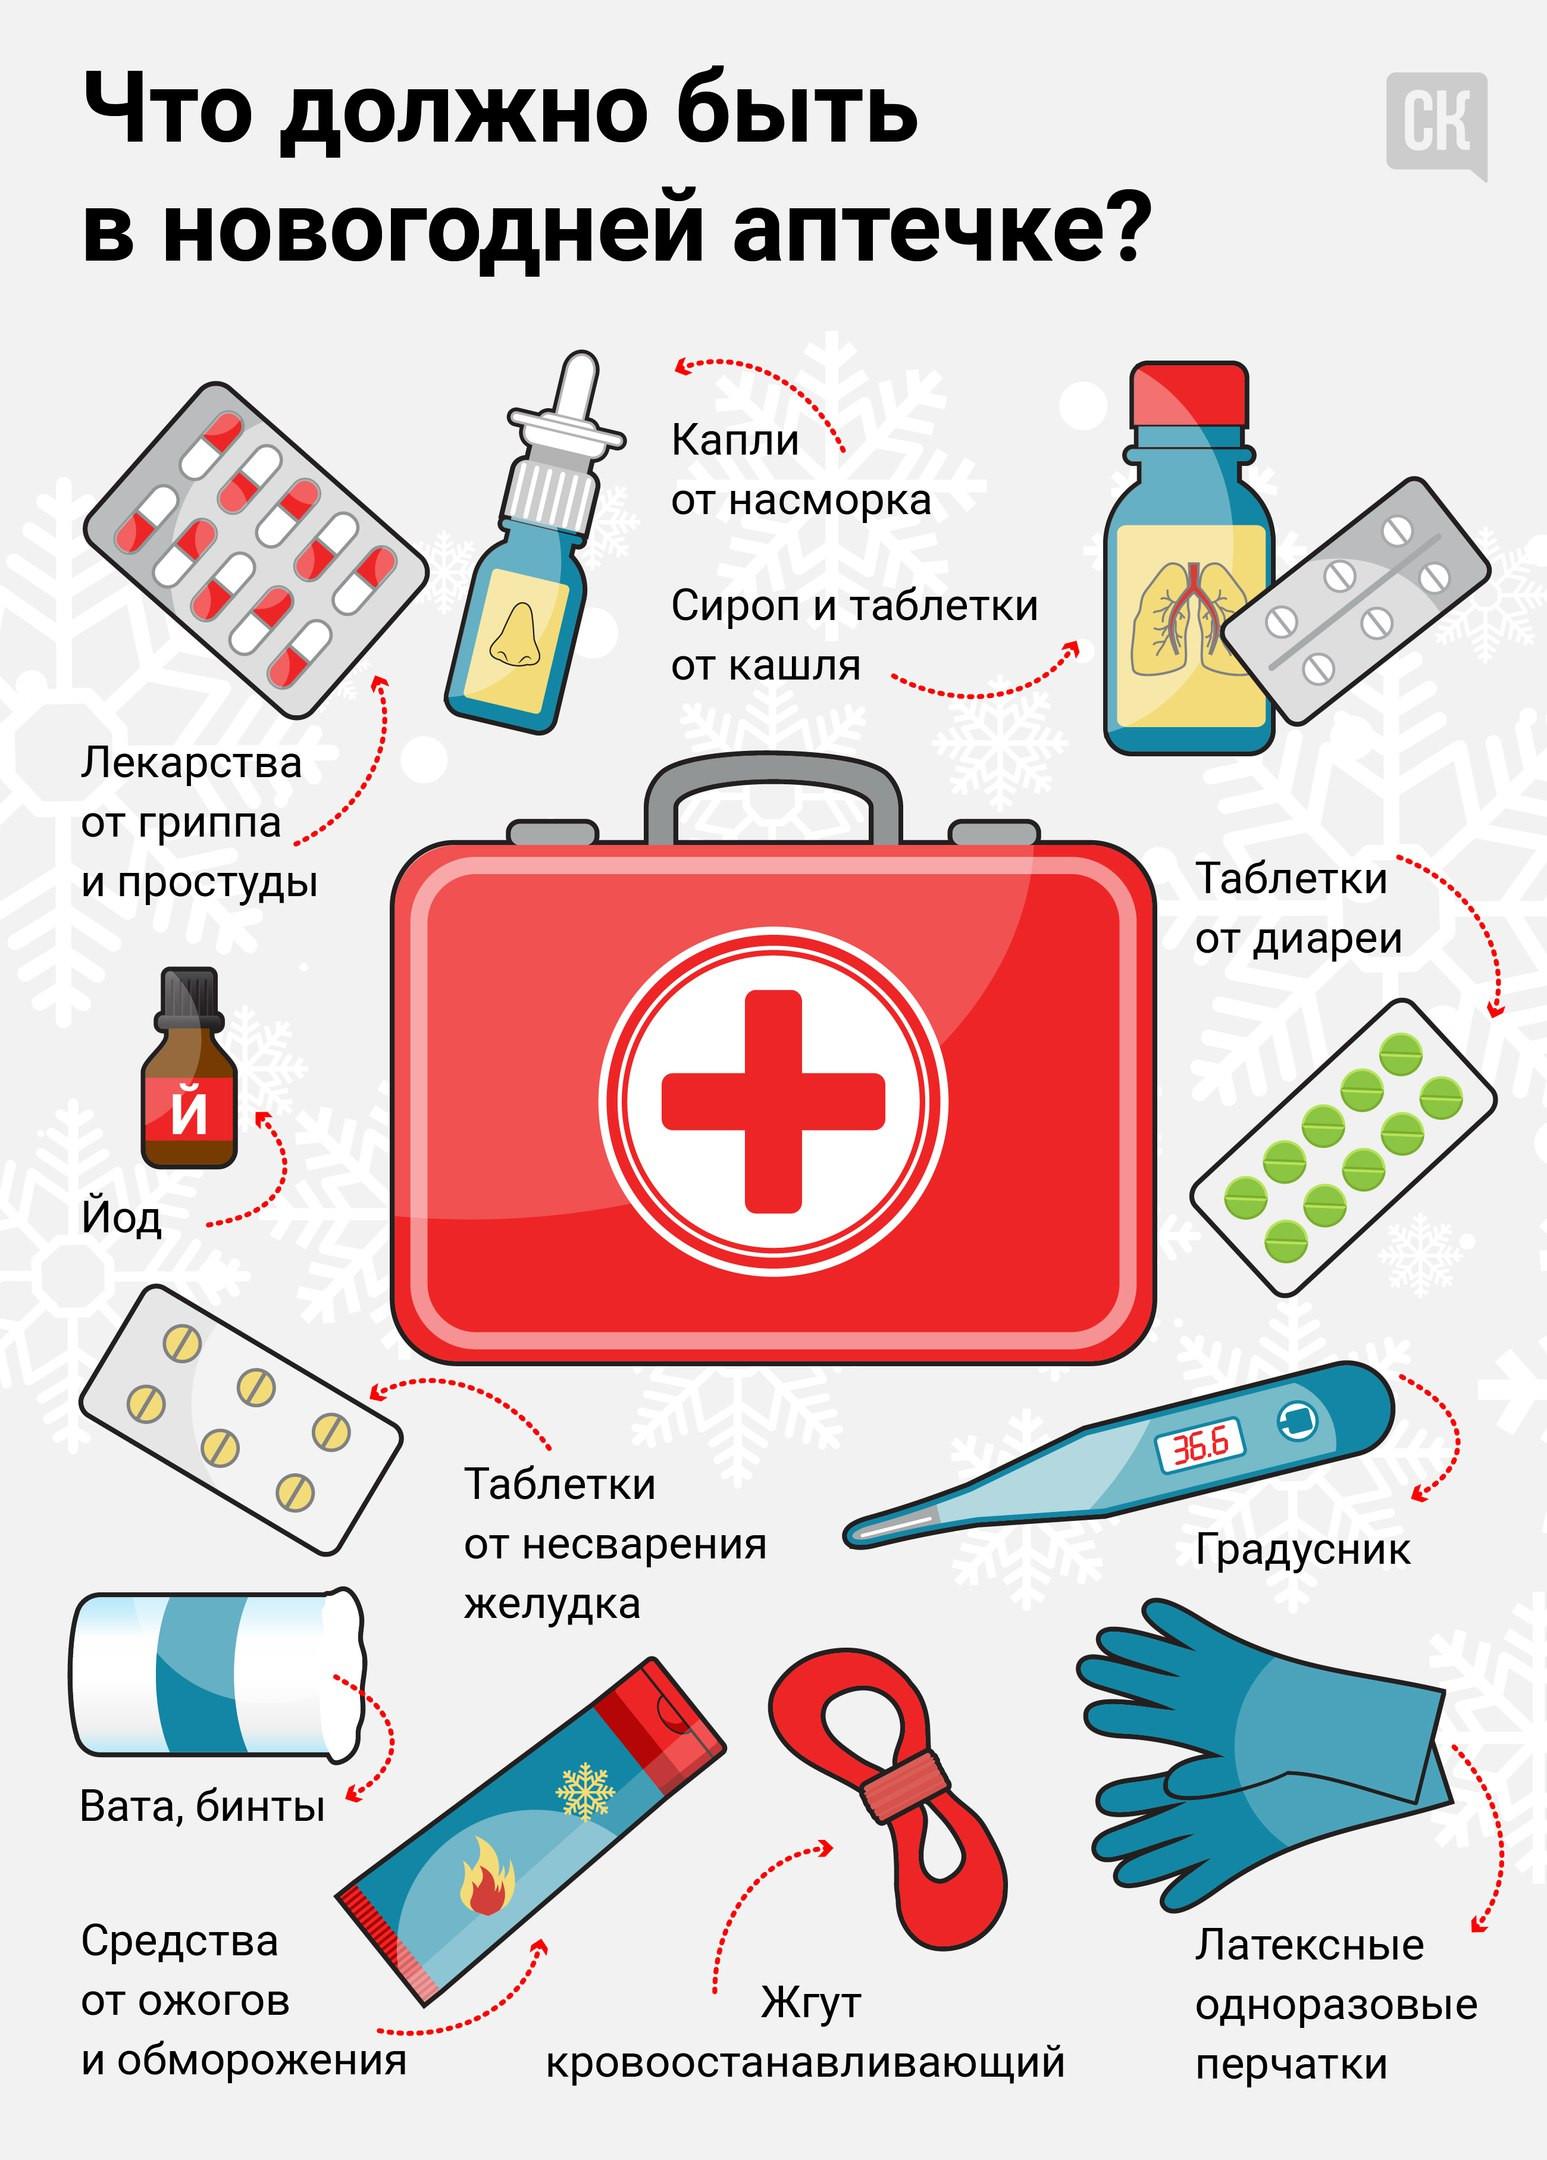 Аптечка детская список лекарств для ребенка что должно быть состав